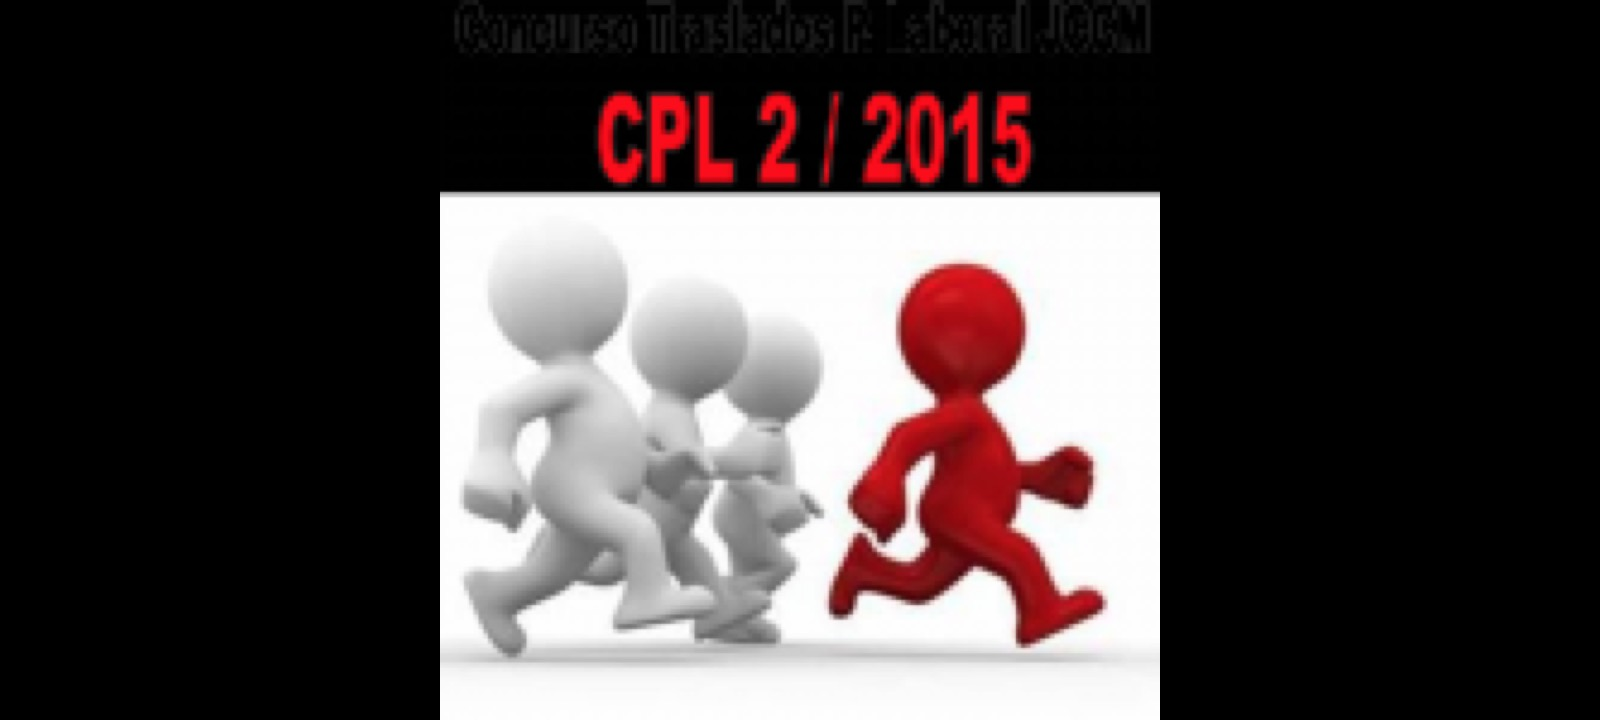 Adjudicación provisional Concurso de Traslados Personal Laboral JCCM CPL 2-2019